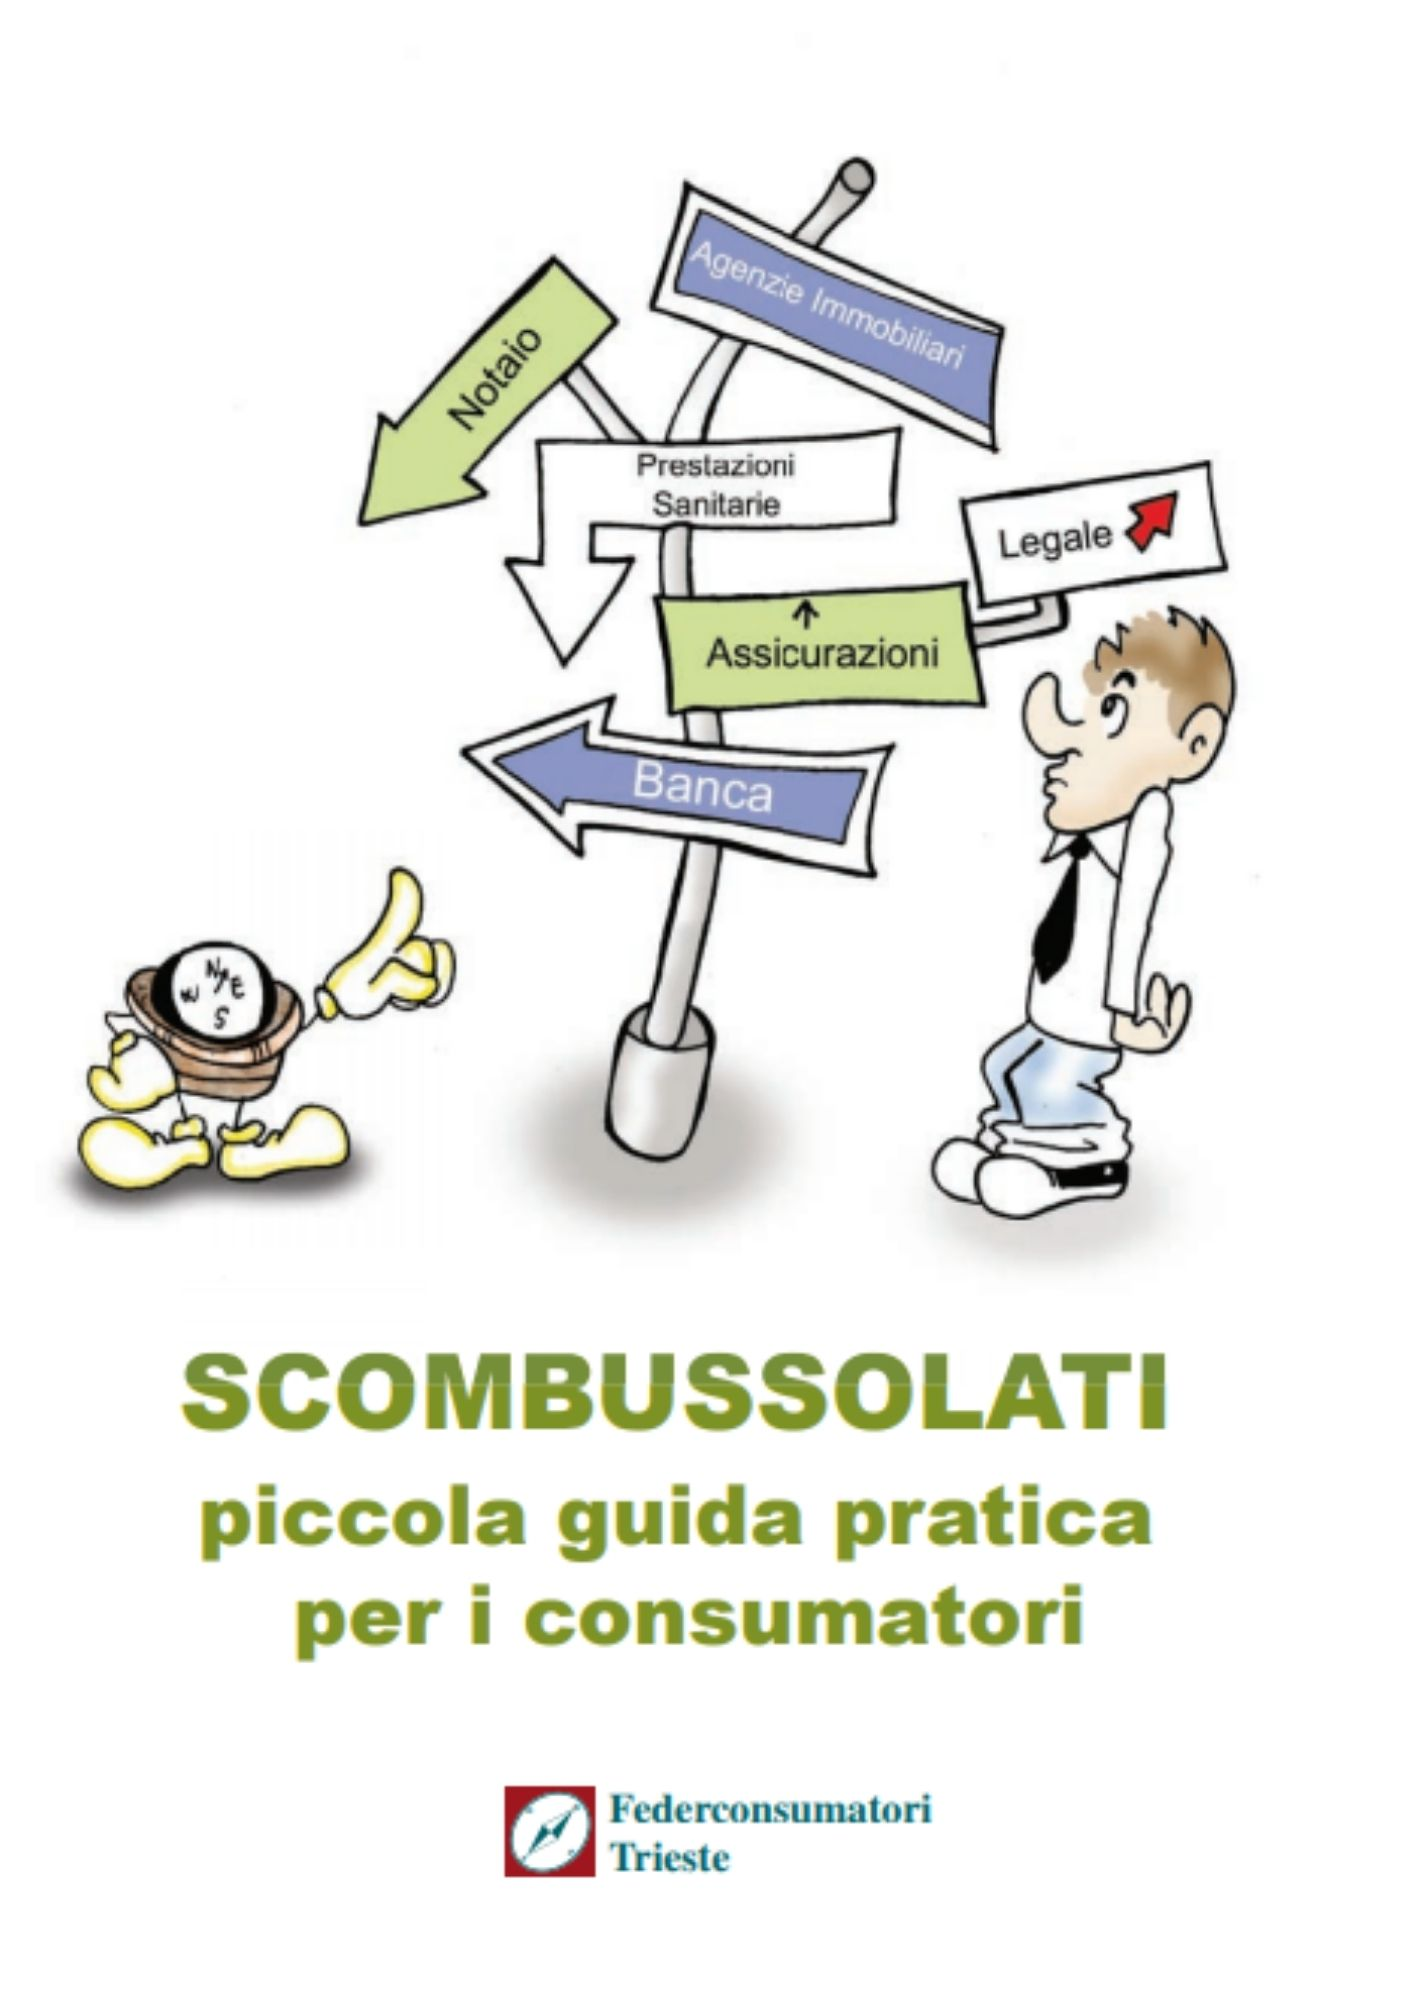 Guida pratica per consumatori